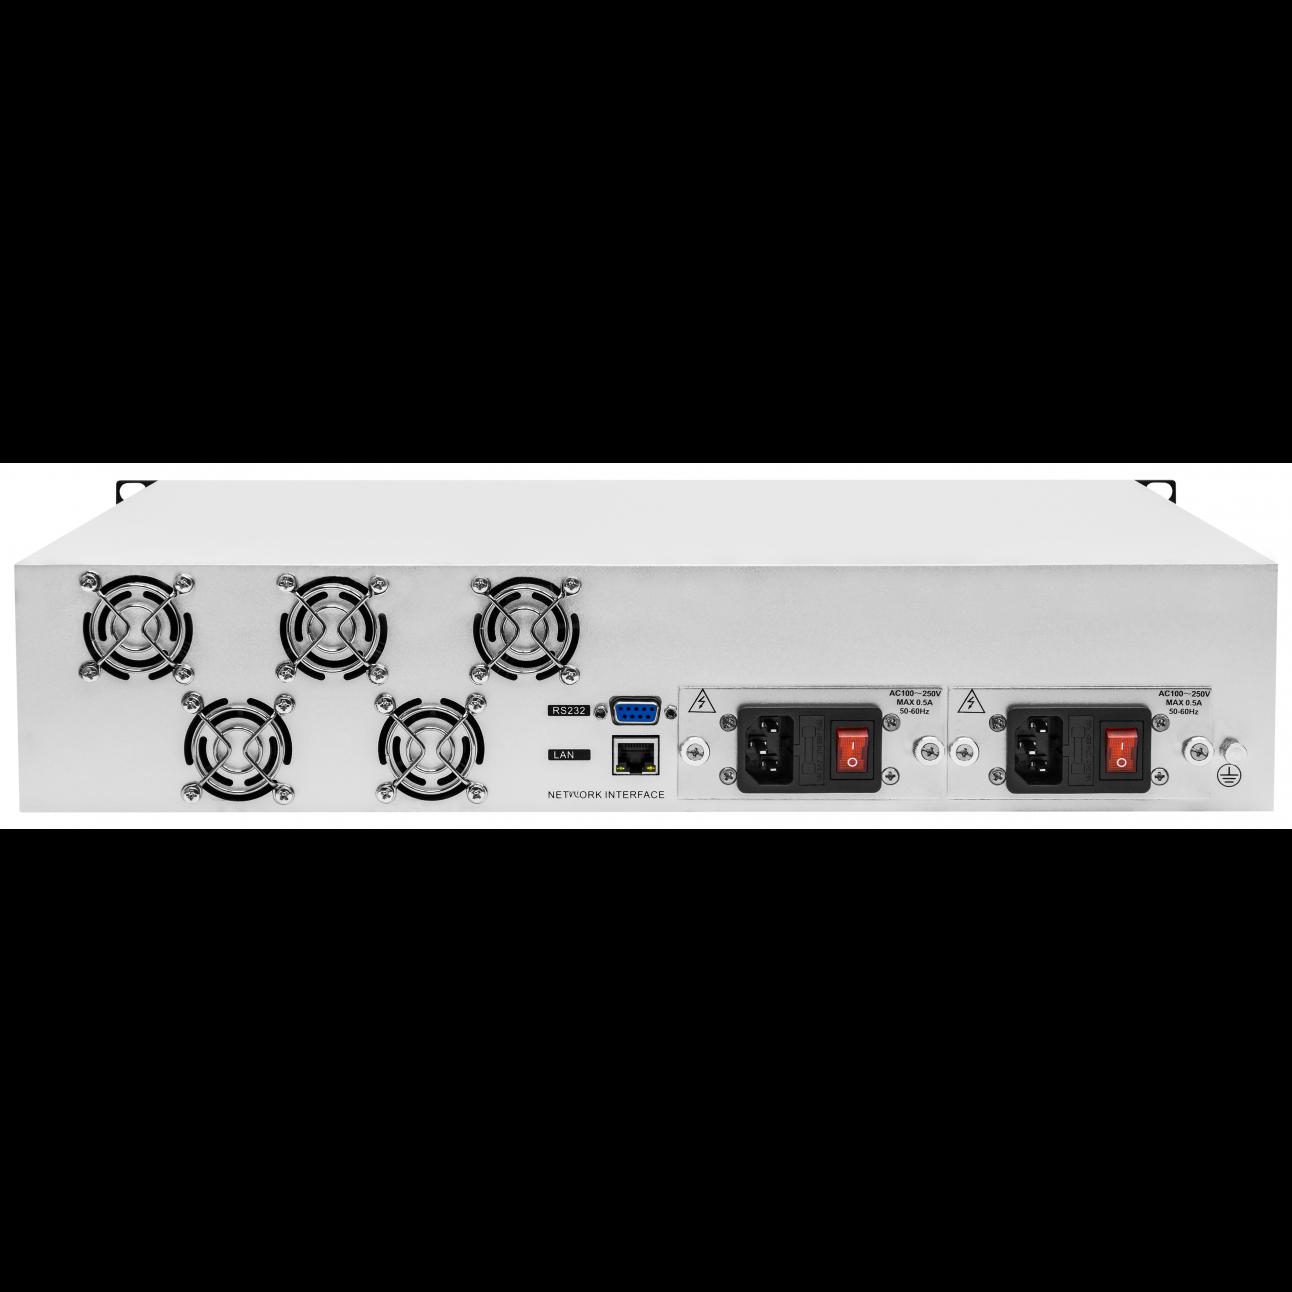 Оптический усилитель VERMAX для сетей КТВ, 2 входа, 16*21dBm выходов